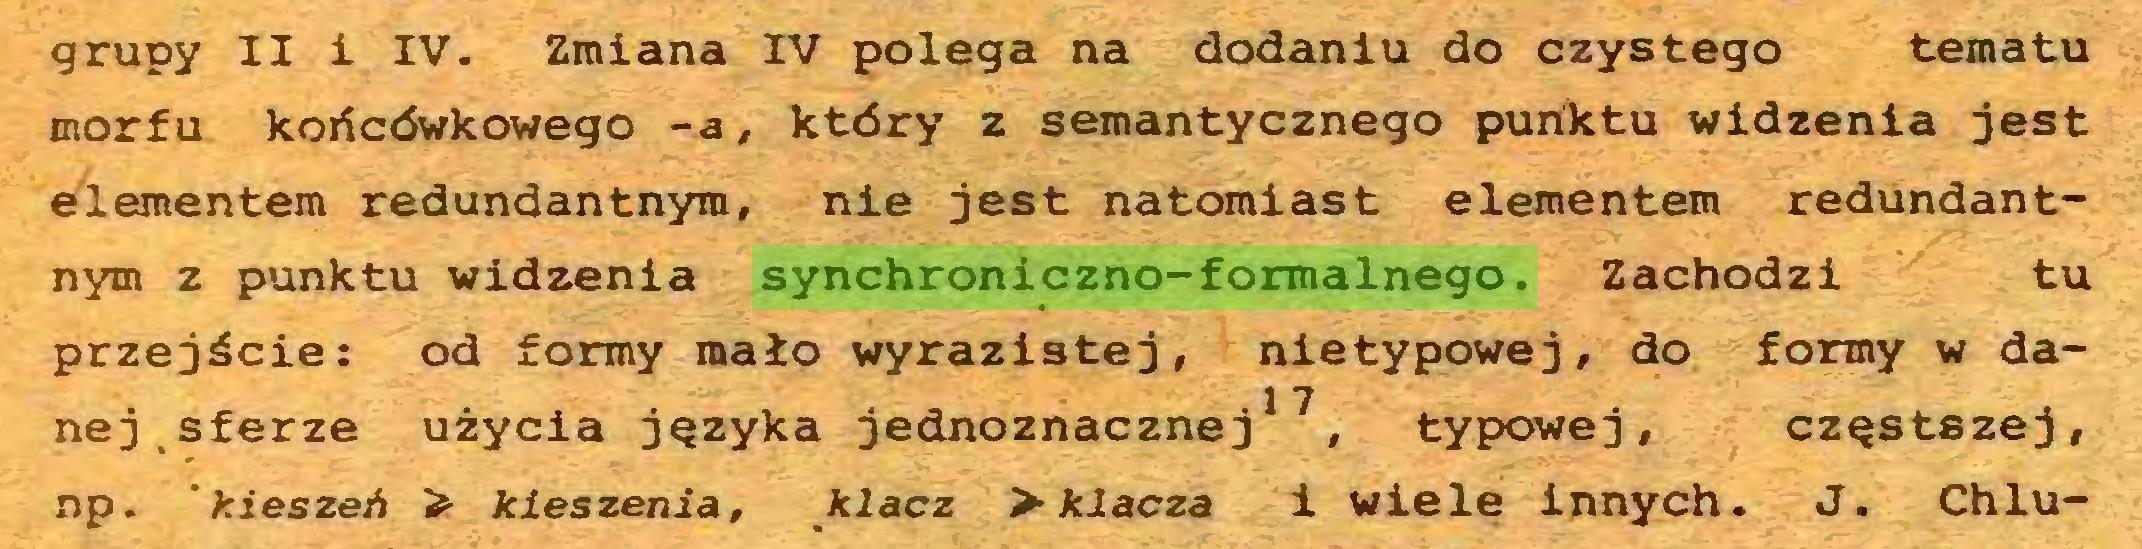 (...) grupy II i IV. Zmiana IV polega na dodaniu do czystego tematu morfu końcówkowego -a, który z semantycznego punktu widzenia jest elementem redundantnyra, nie jest natomiast elementem redundantnym z punktu widzenia synchroniczno-formalnego. Zachodzi tu przejście: od formy mało wyrazistej, nietypowej, do formy w da1 7 nej sferze użycia języka jednoznacznej , typowej, częstszej, np. 'kieszeń > kieszenią, klacz > klacza i wiele innych. J. Chlu...